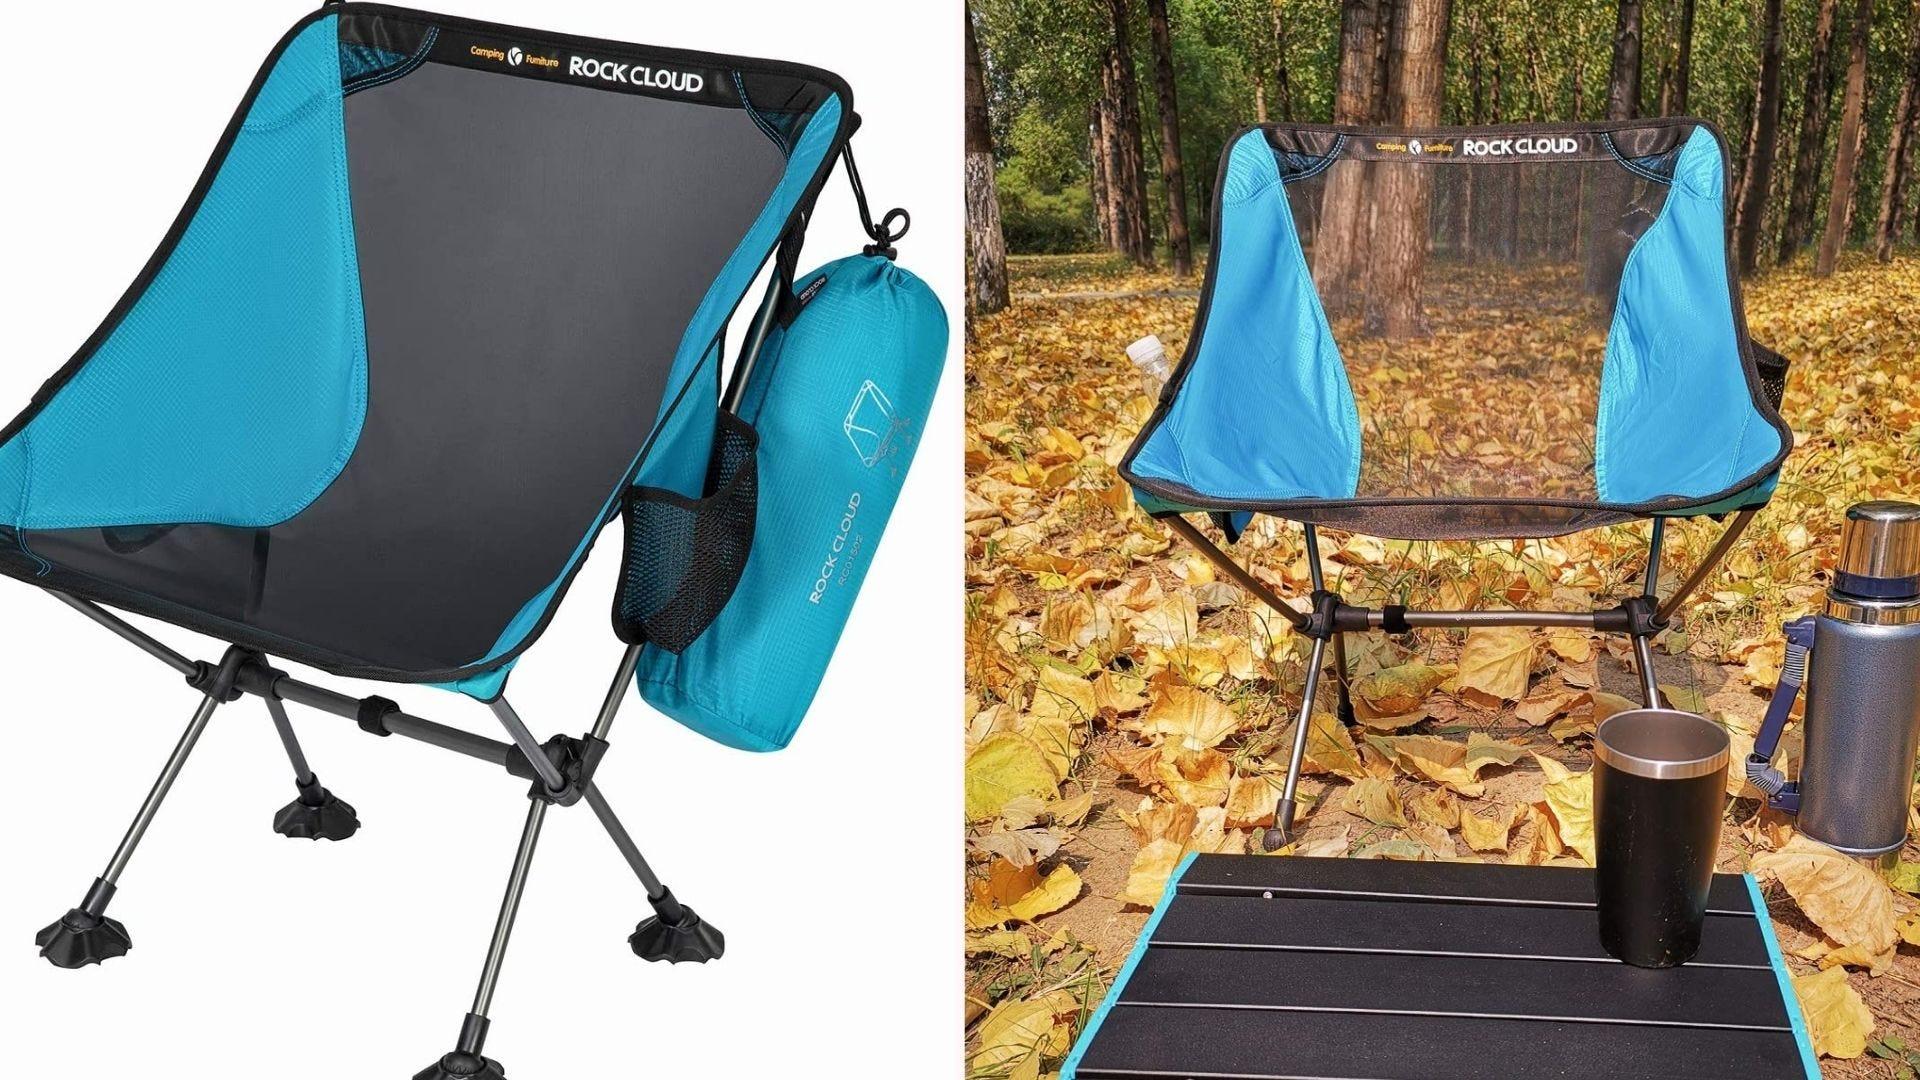 a compact folding beach/camp chair